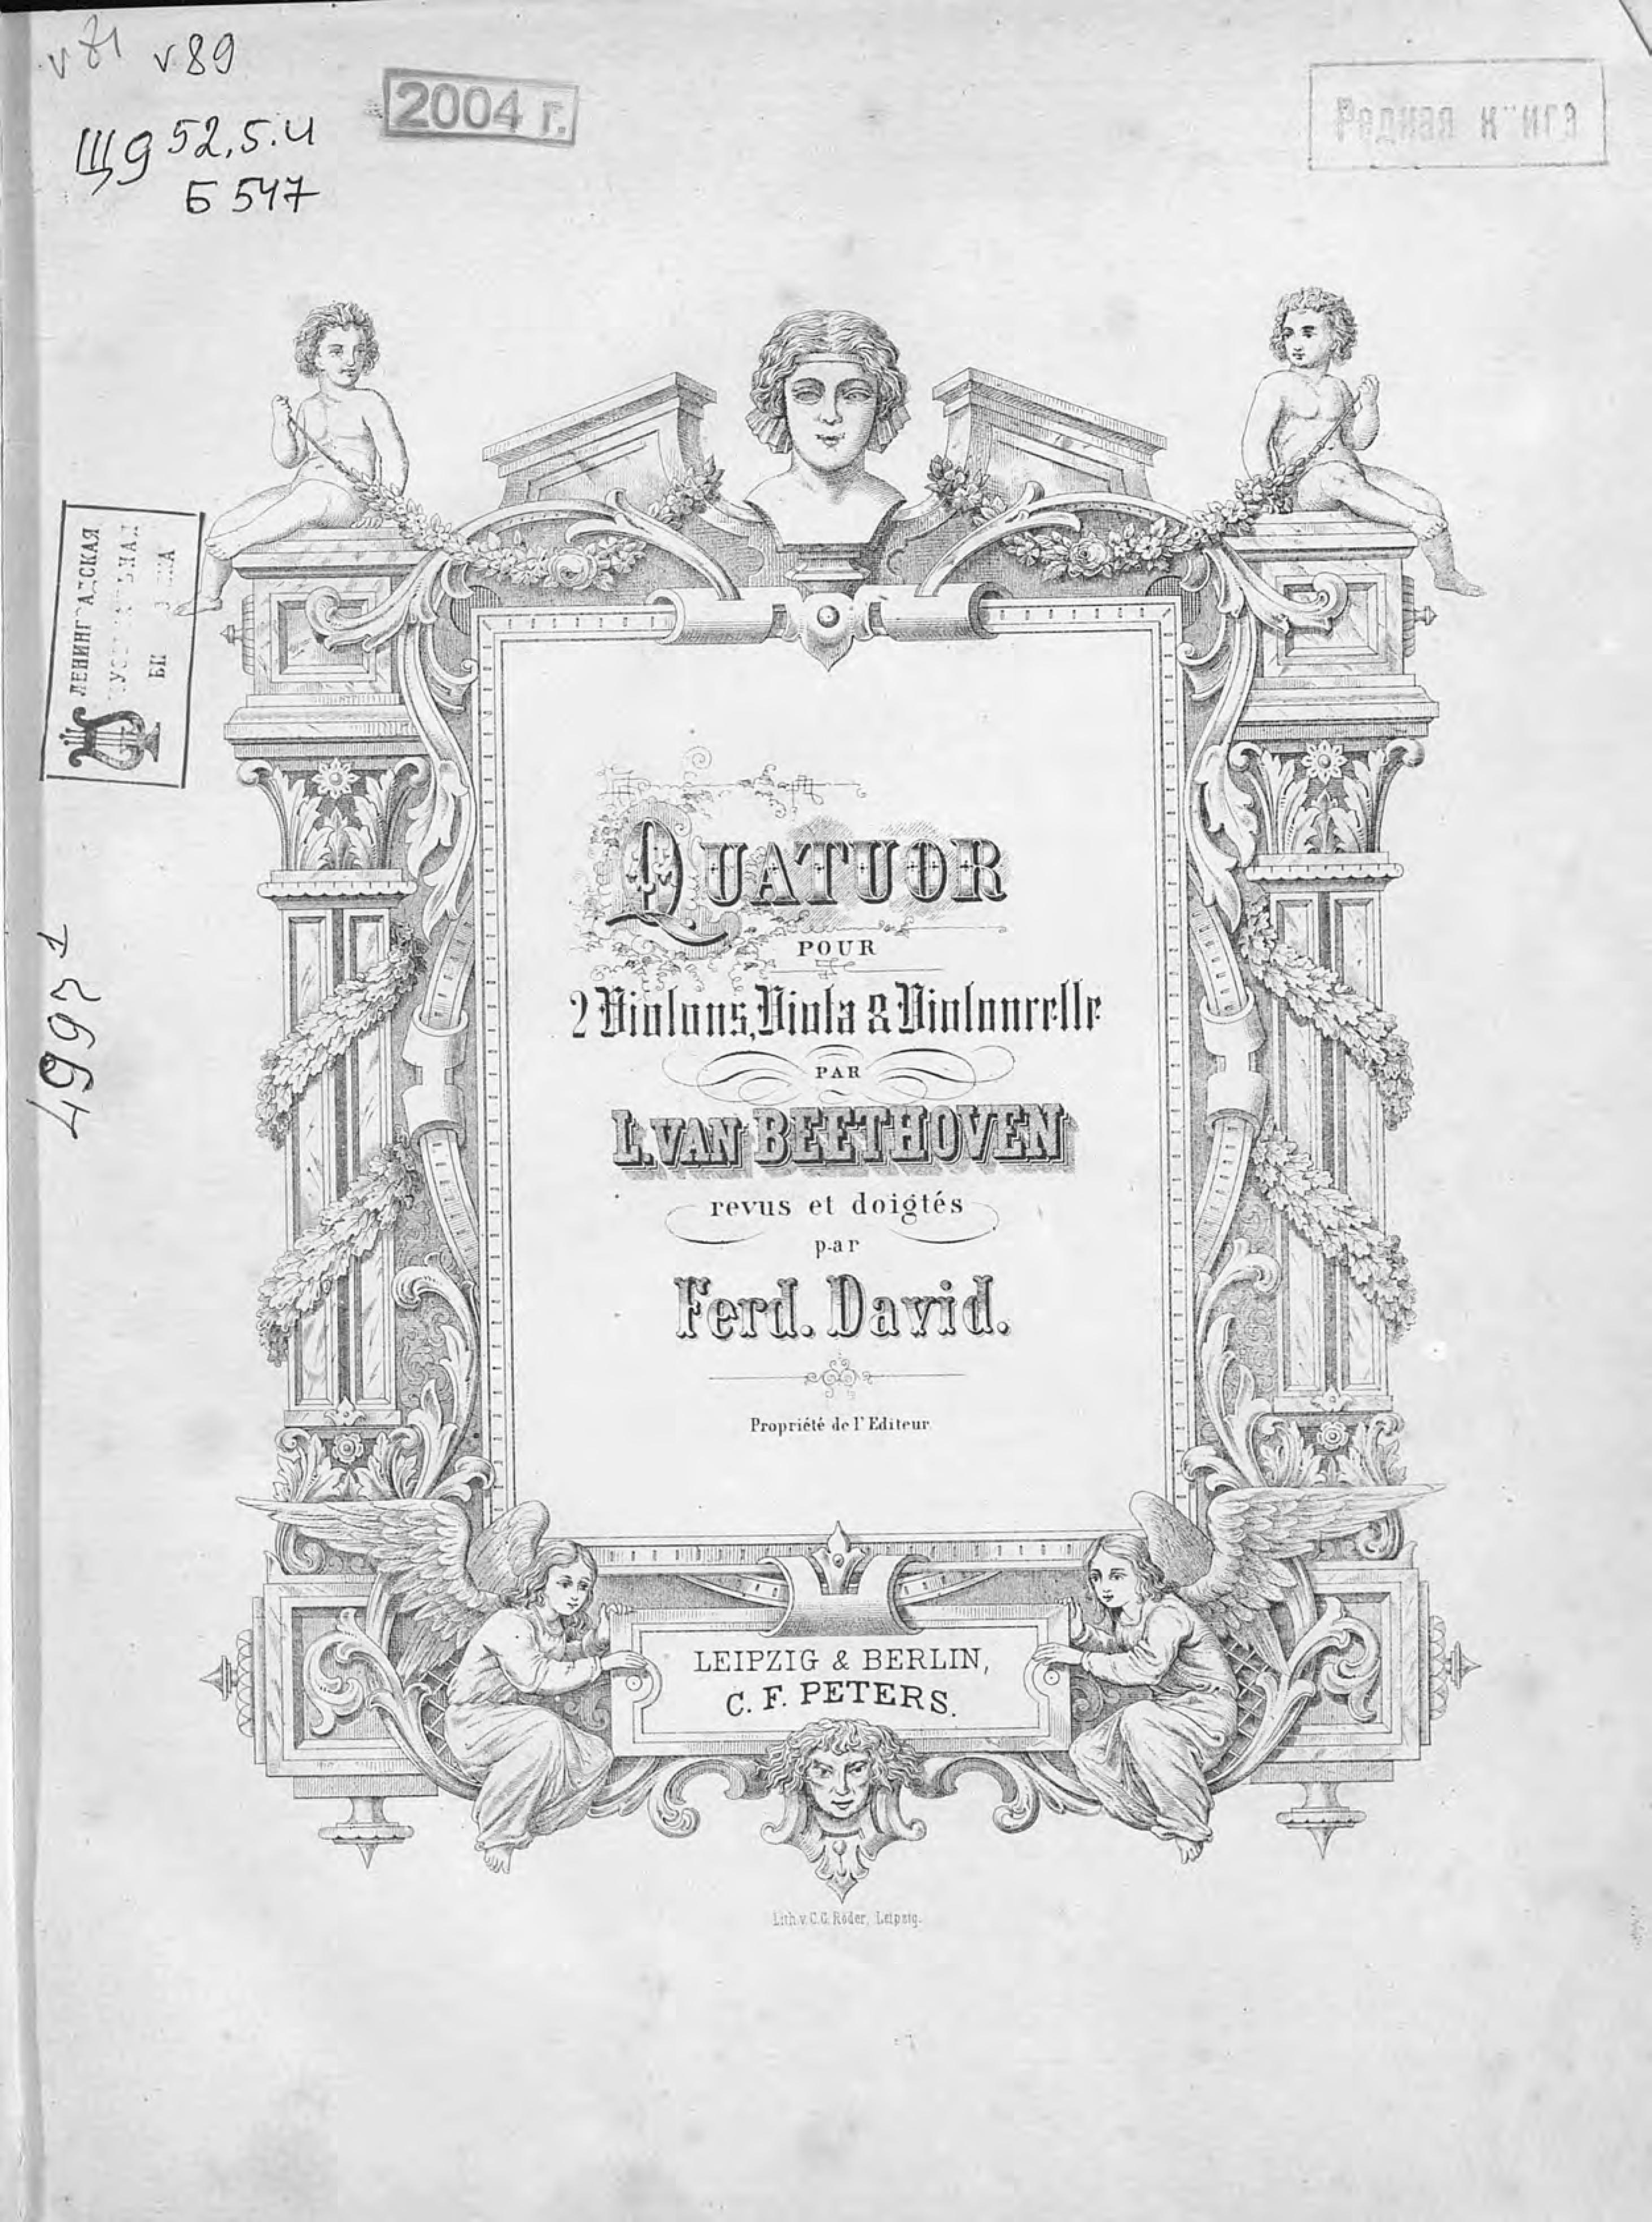 Людвиг ван Бетховен Quatuor pour 2 violons, viola et violoncelle par L. van Beethoven людвиг ван бетховен septett v l van beethoven